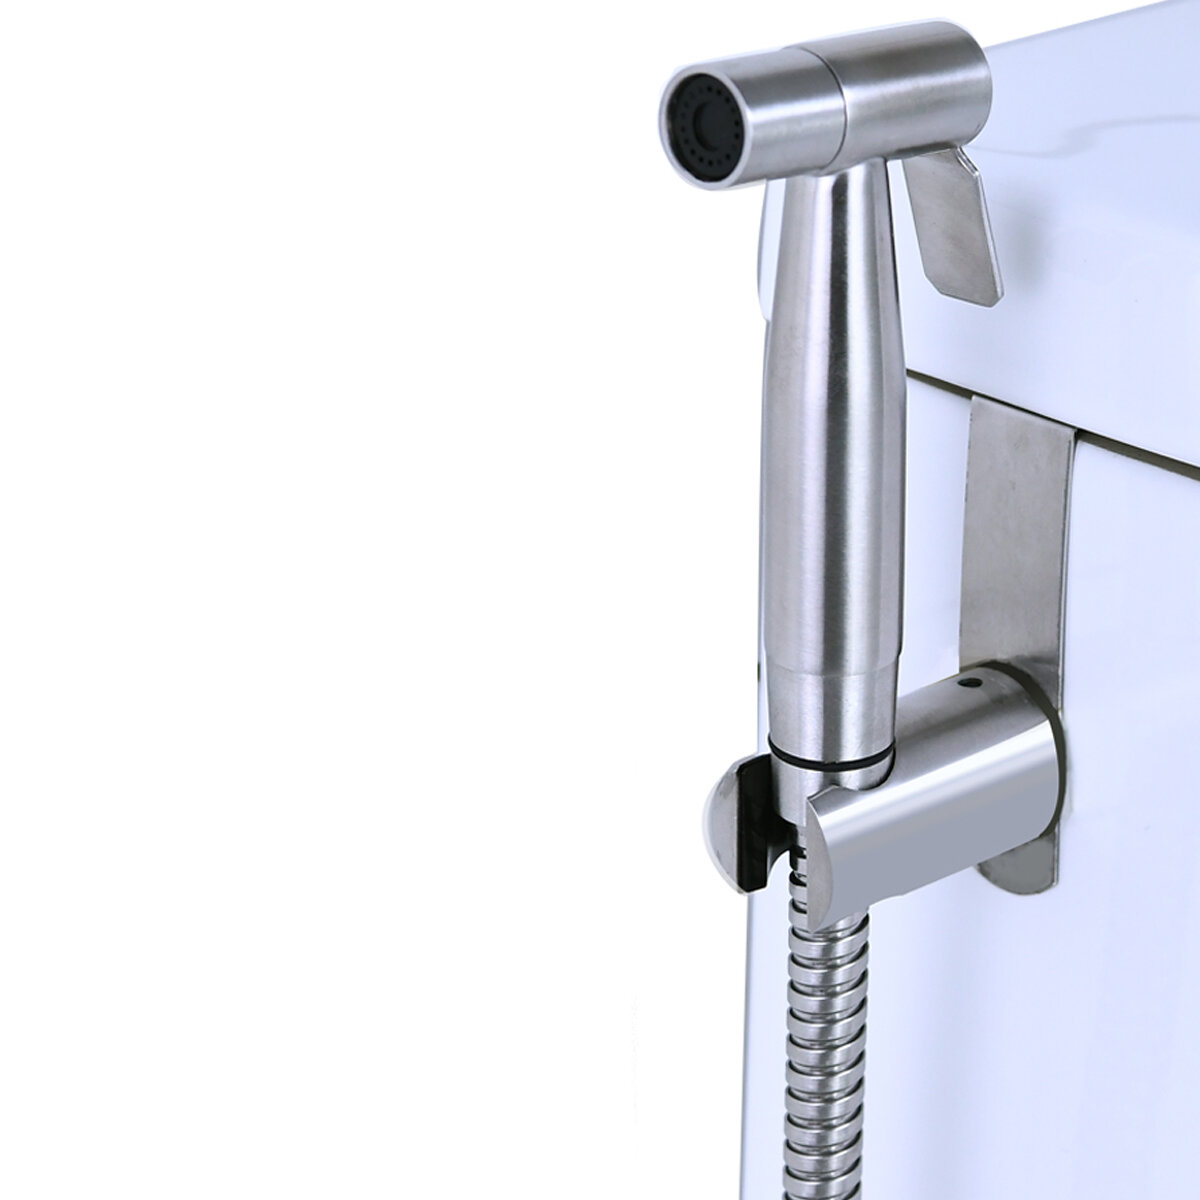 1 X Hanger Hook Bidet Sprayer Shattaf Manual Sprayer Holder Stainless Steel New